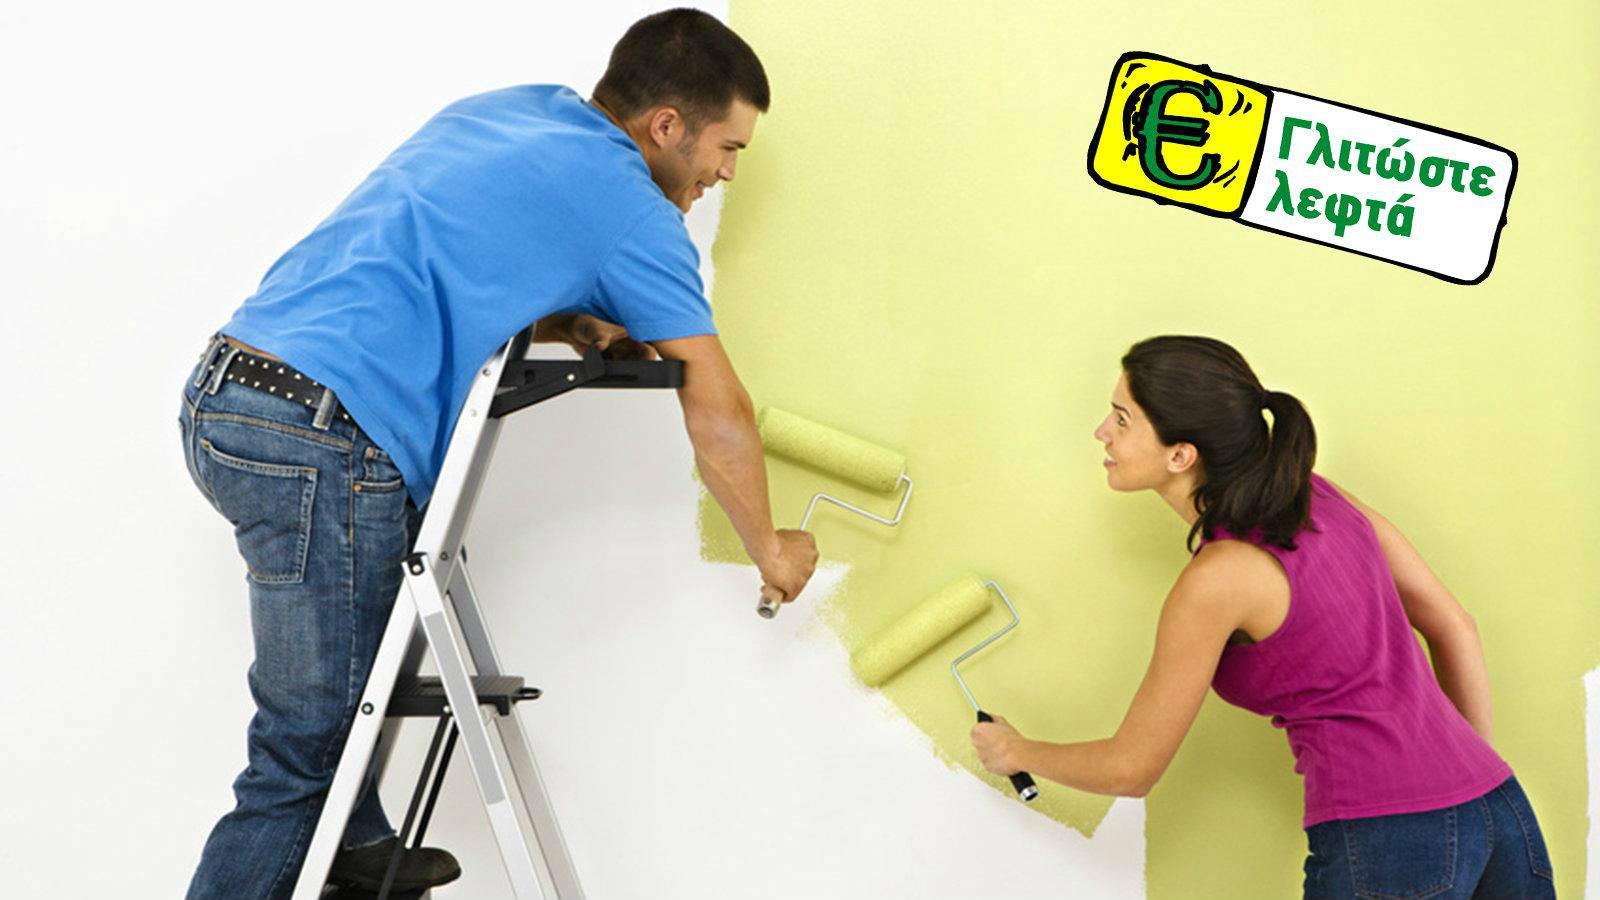 Η χρήση των ενεργειακών χρωμάτων στην κατασκευή ή την ανακαίνιση ενός κτιρίου, προσφέρει σημαντικά οφέλη